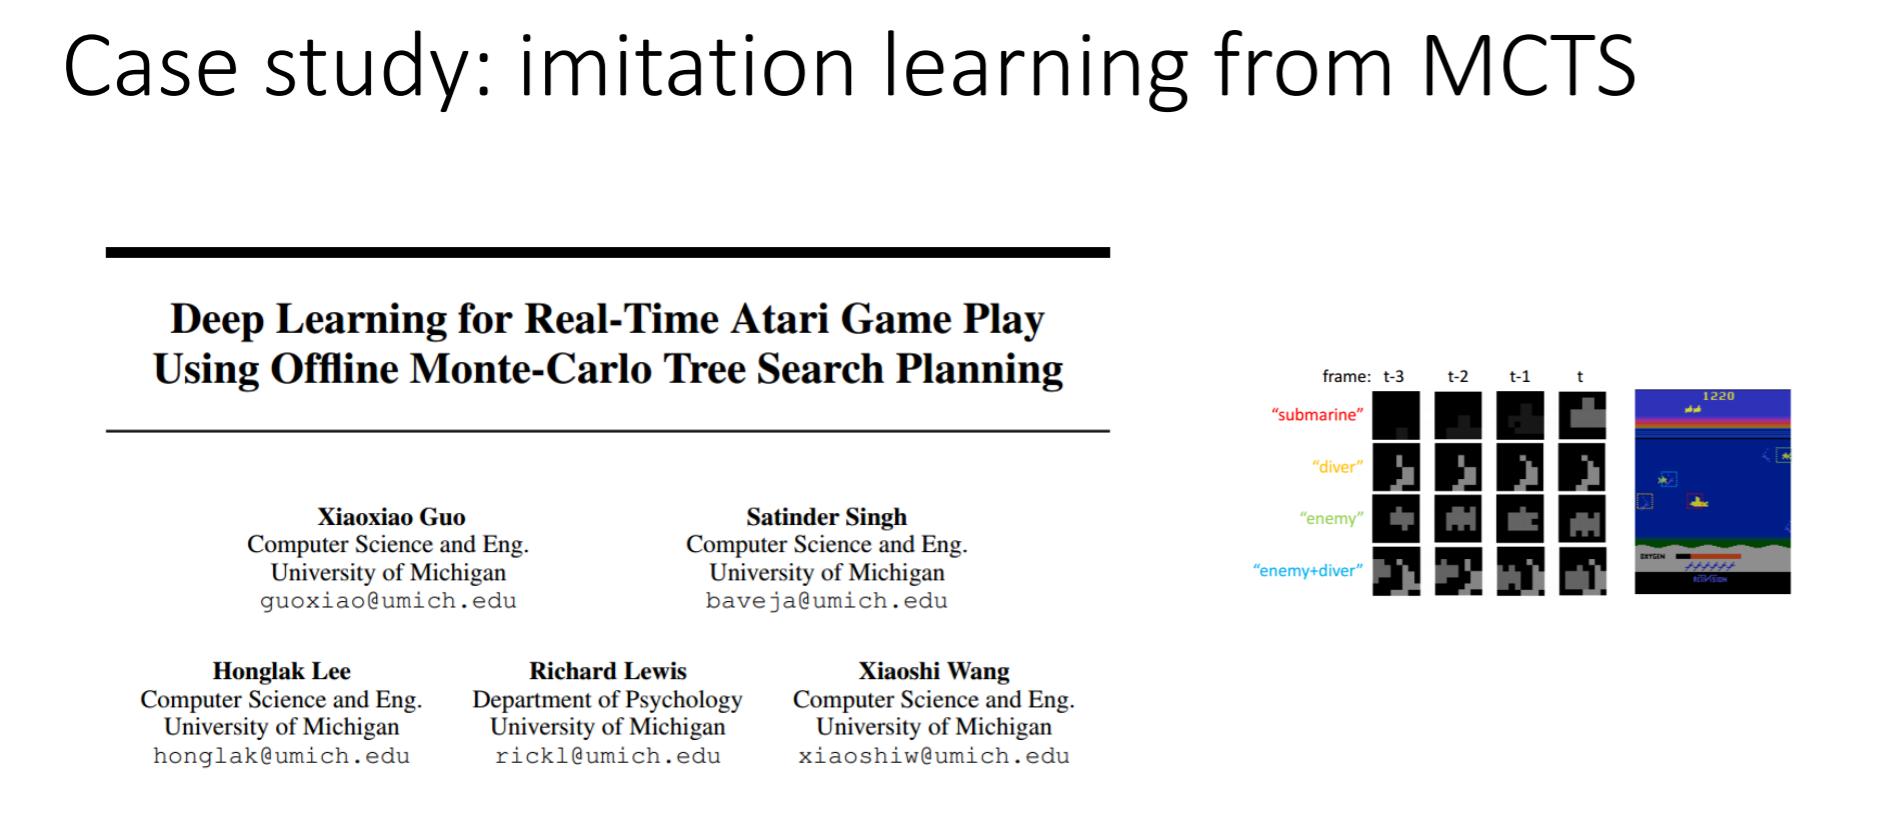 利用蒙特卡洛树搜索算法进行模仿学习